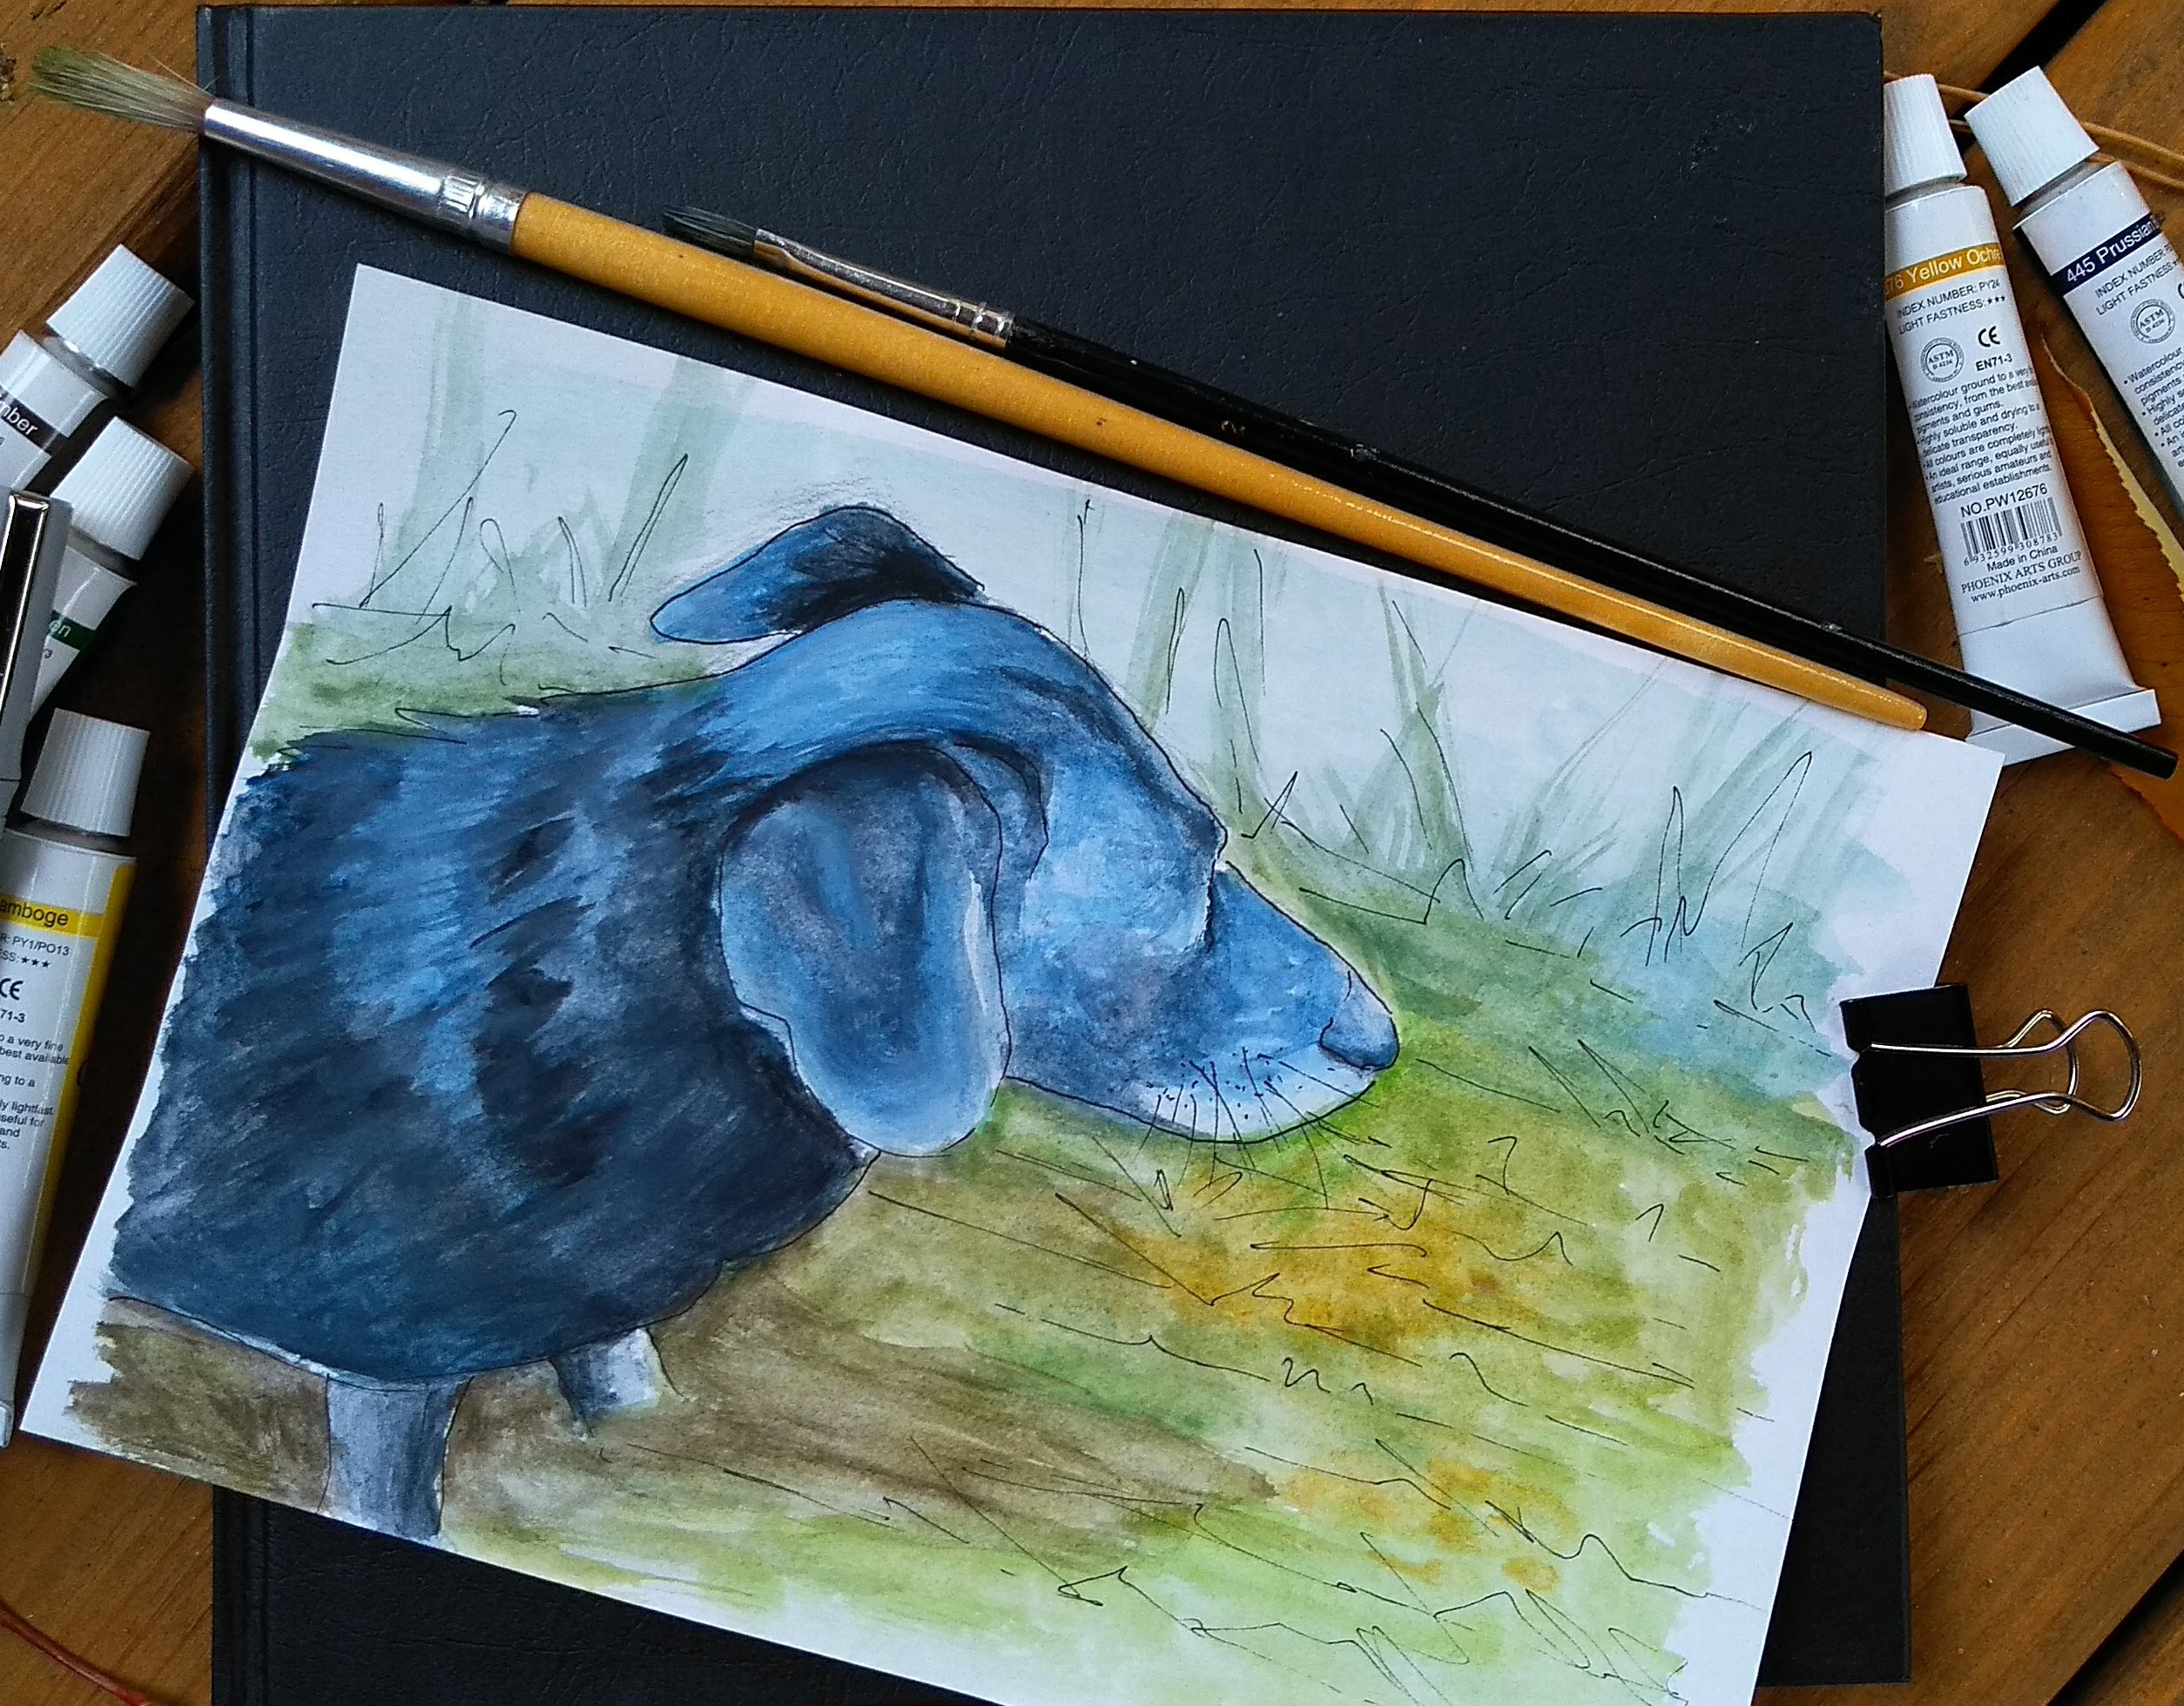 malarstwo akrylowe olejne obrazy galeria ilustracje dla dzieci ilustrator pies psy piesek akwarela akwarele